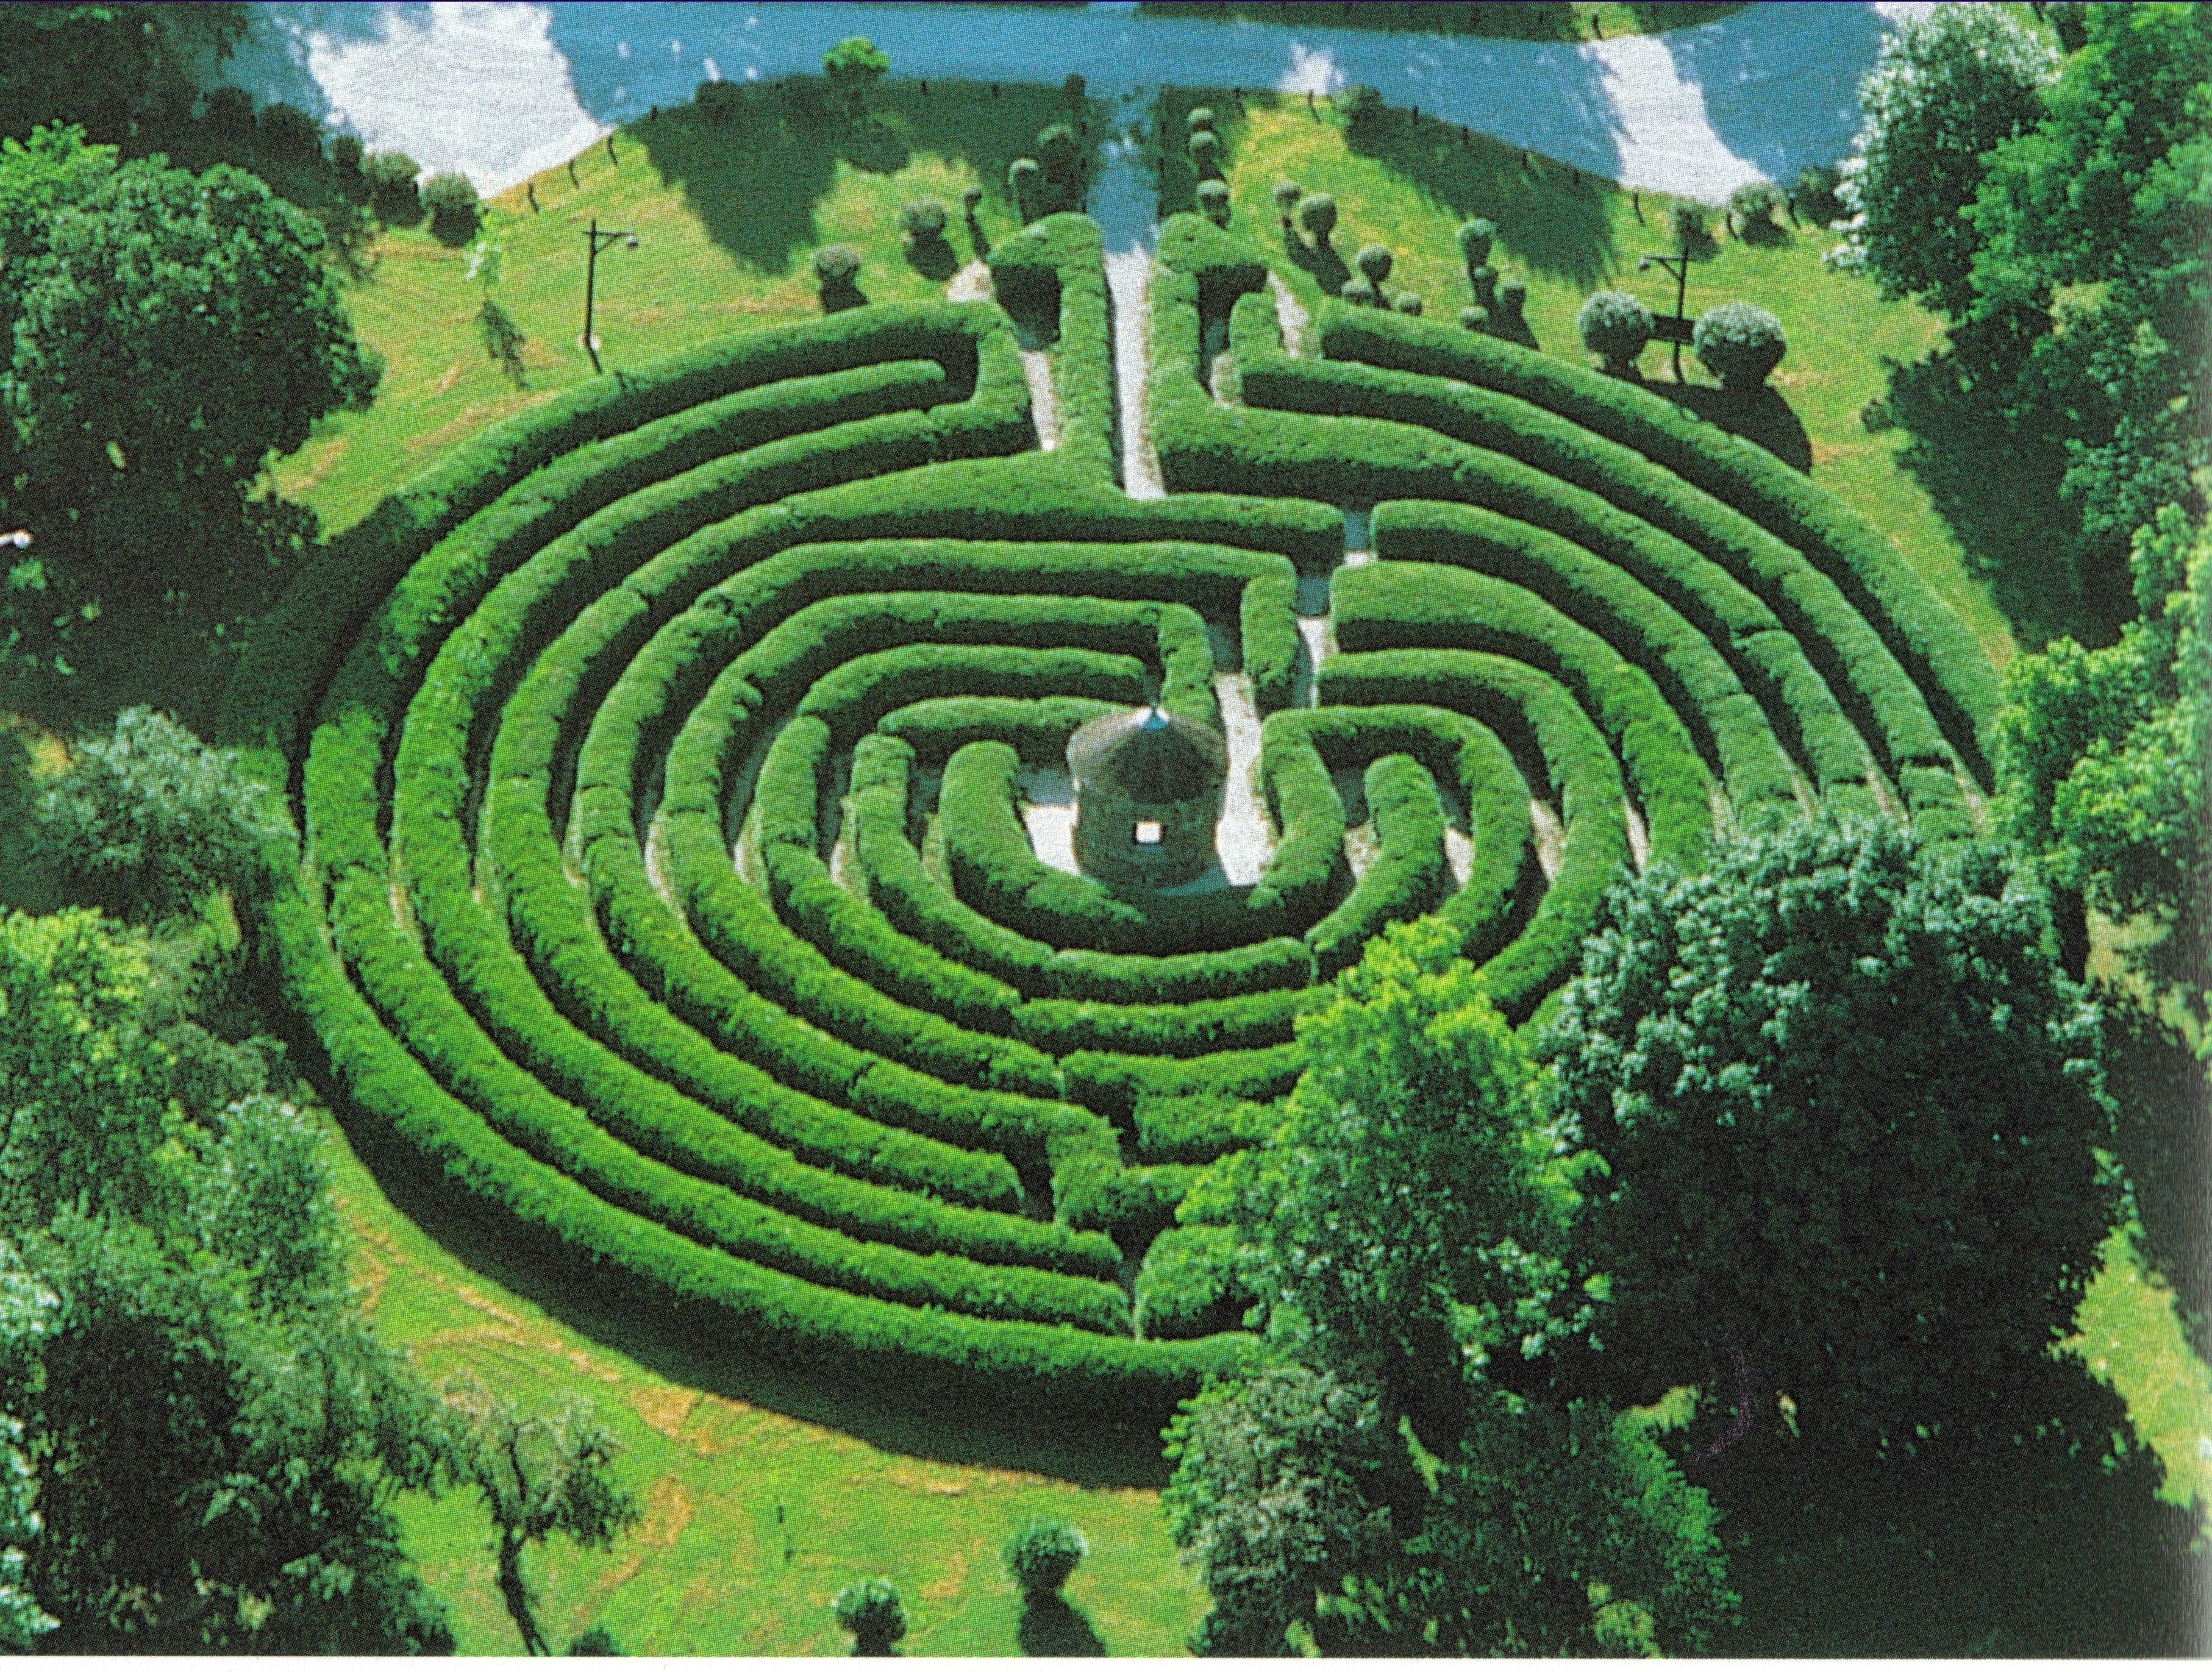 Harmony Hedgeg Garden Labyrinth Designs Cadagu 3,628×2,743